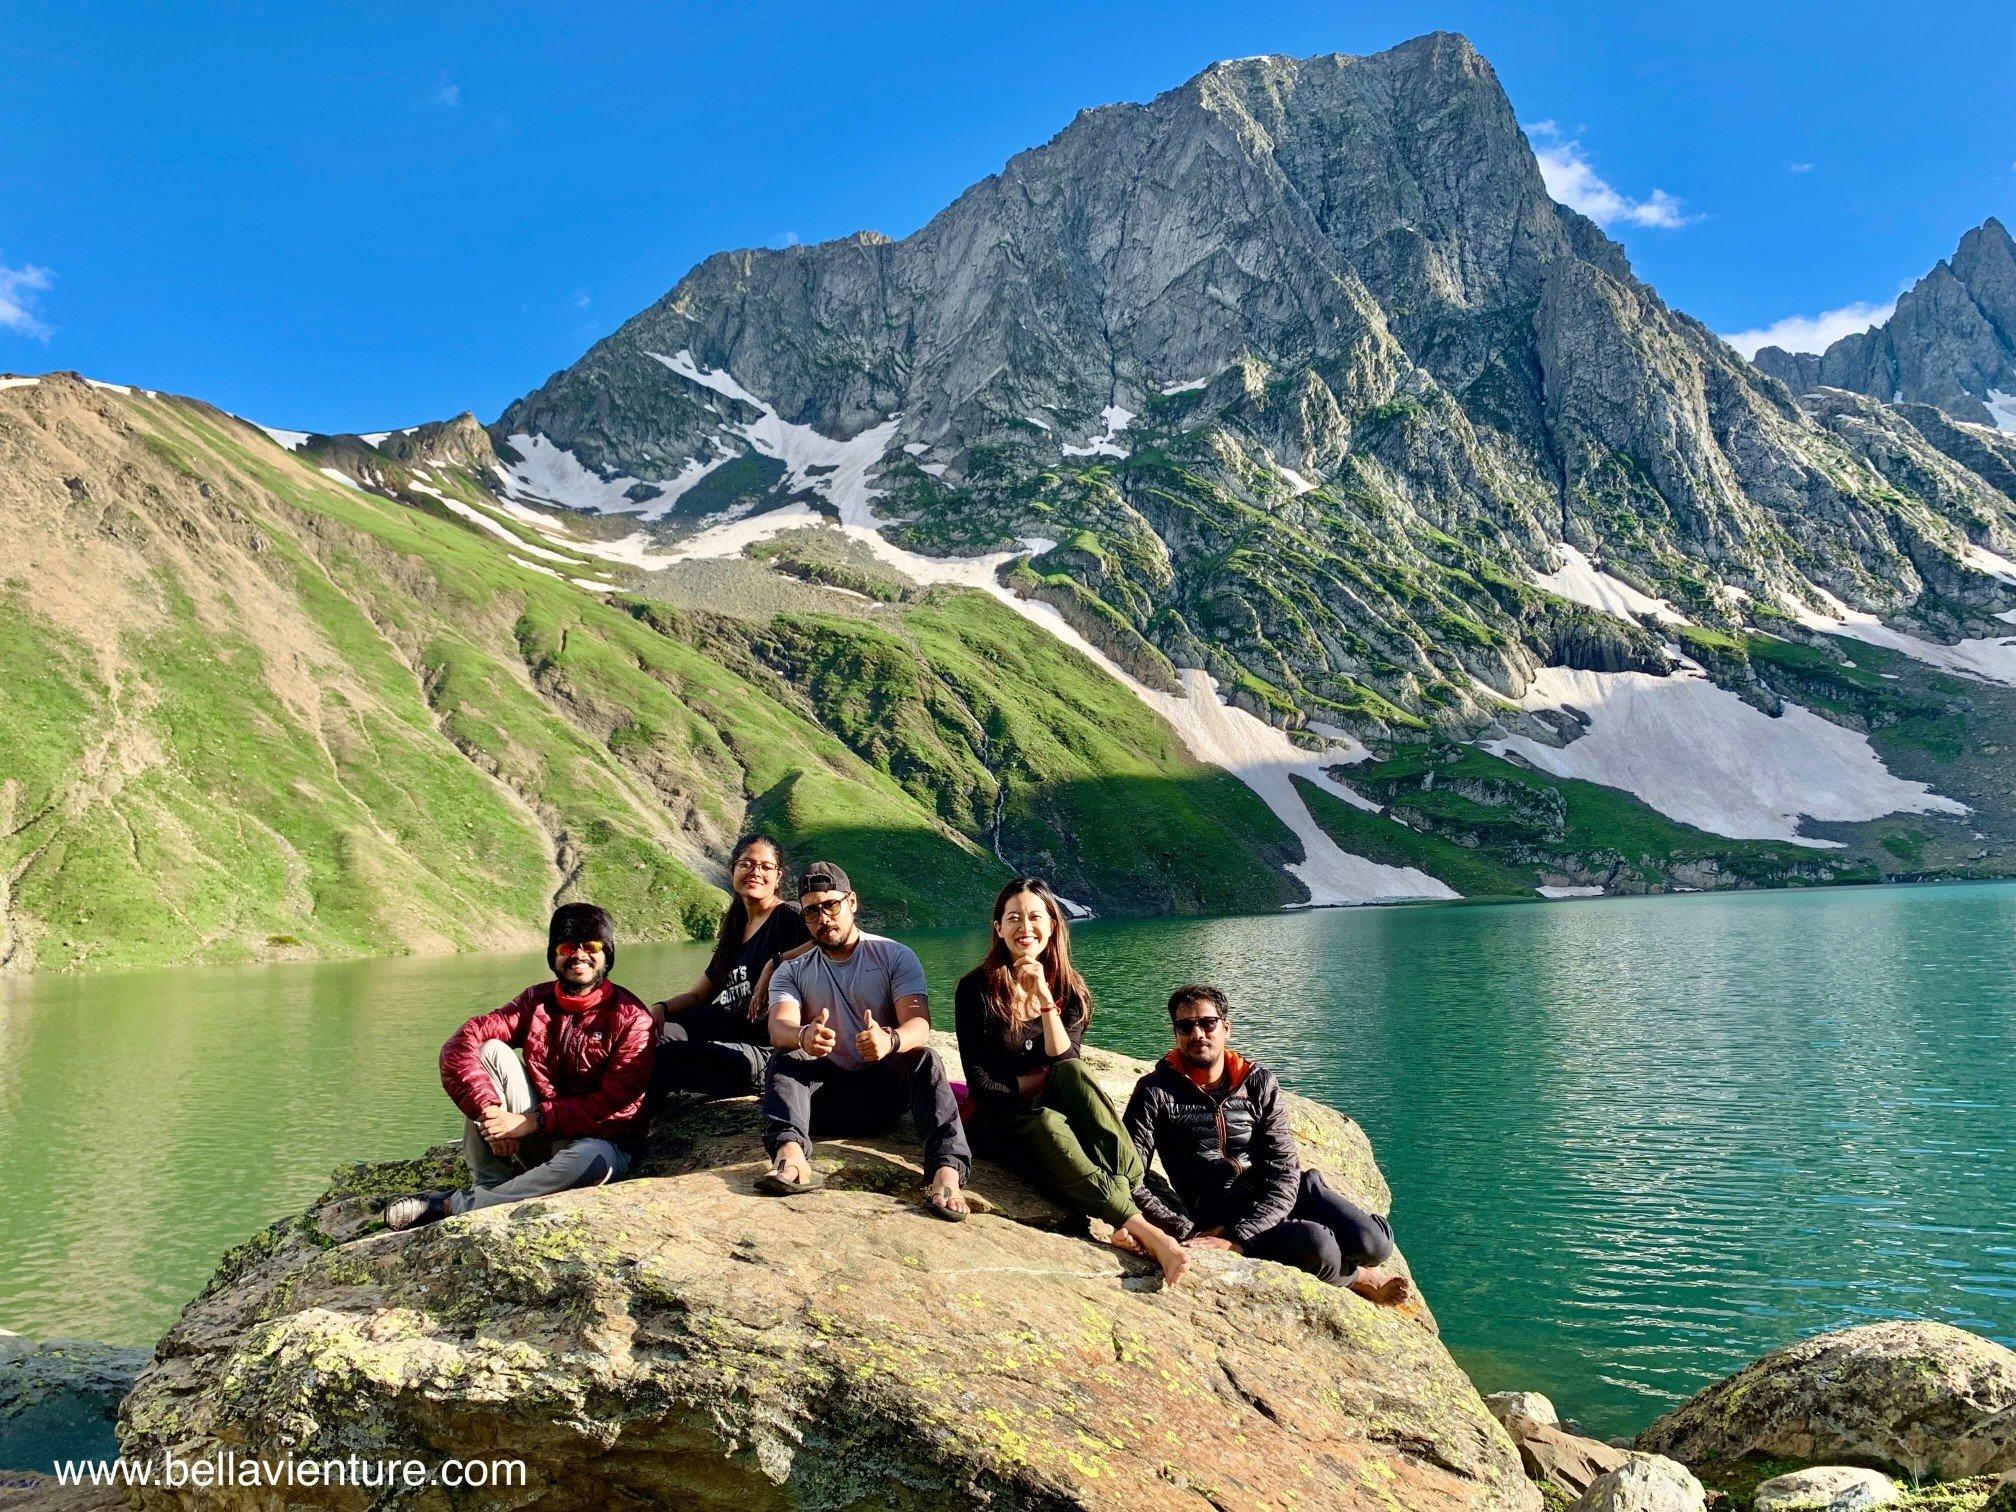 印度 India 北北印 North India 喀什米爾  Kashmir 八天七夜 健行 Nichnai Valley 超藍聖湖 團照